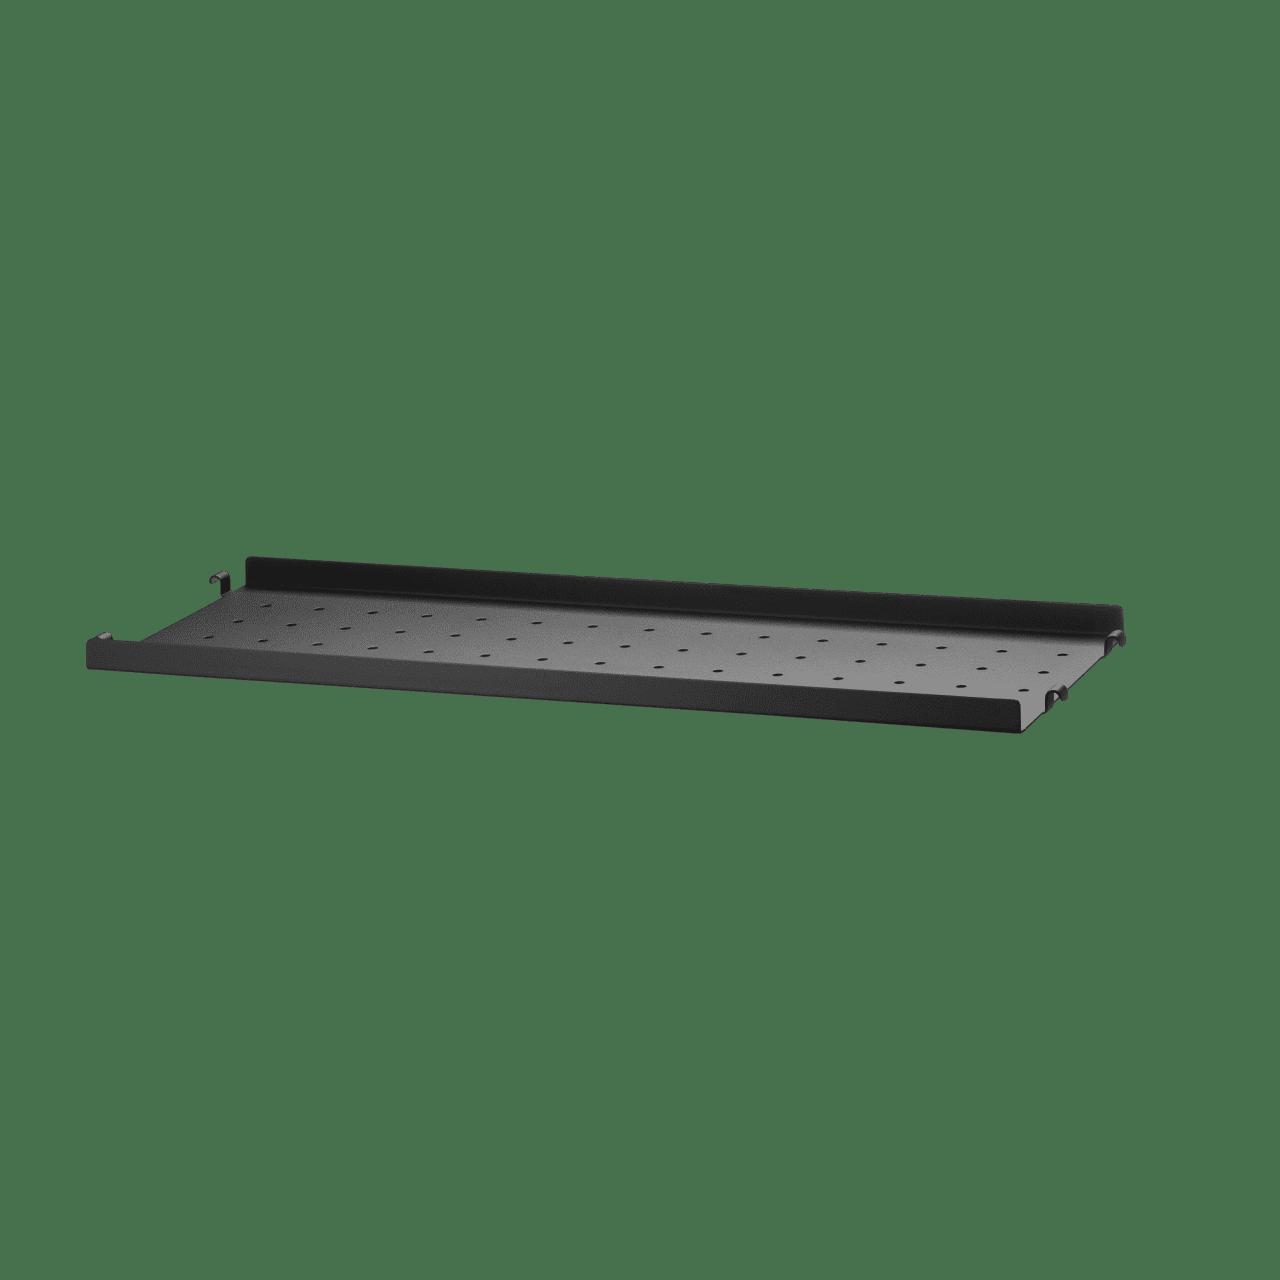 Regalboden aus Metall mit niedriger Kante